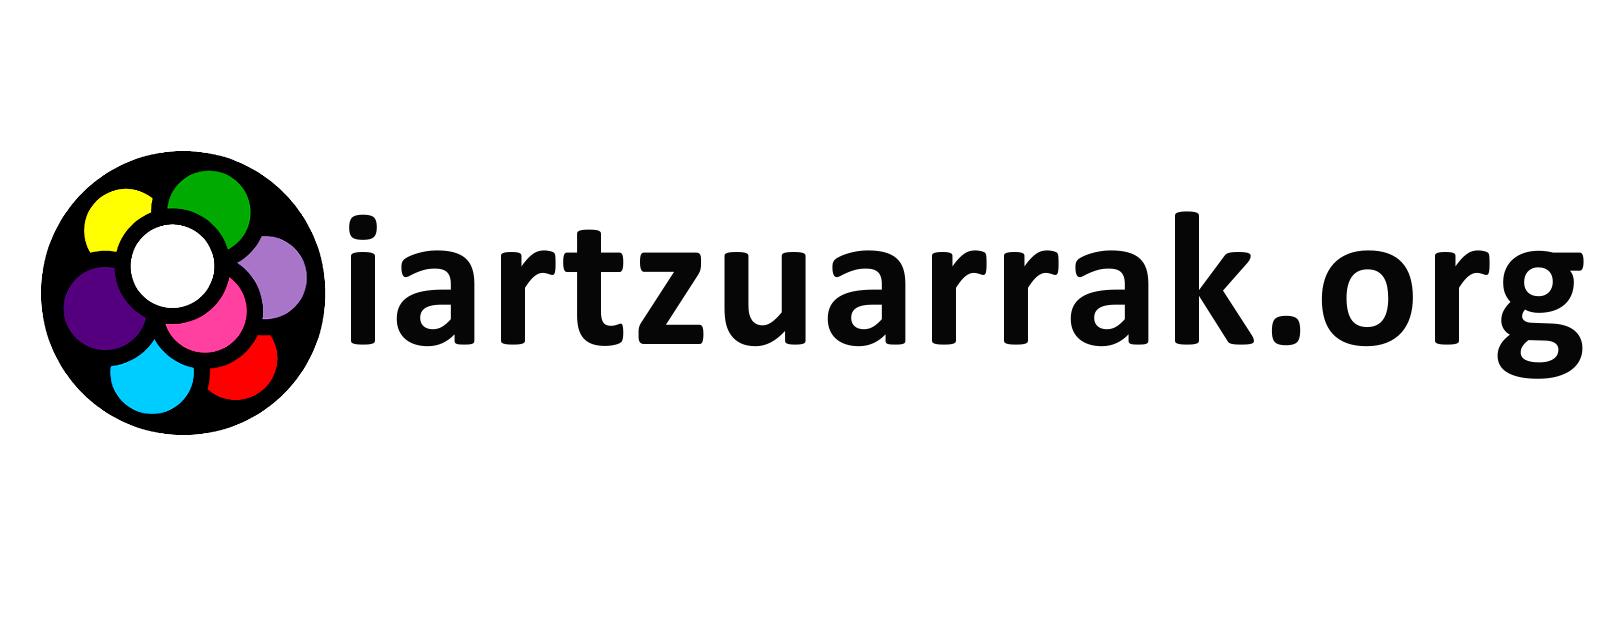 oiartzuarrak.org